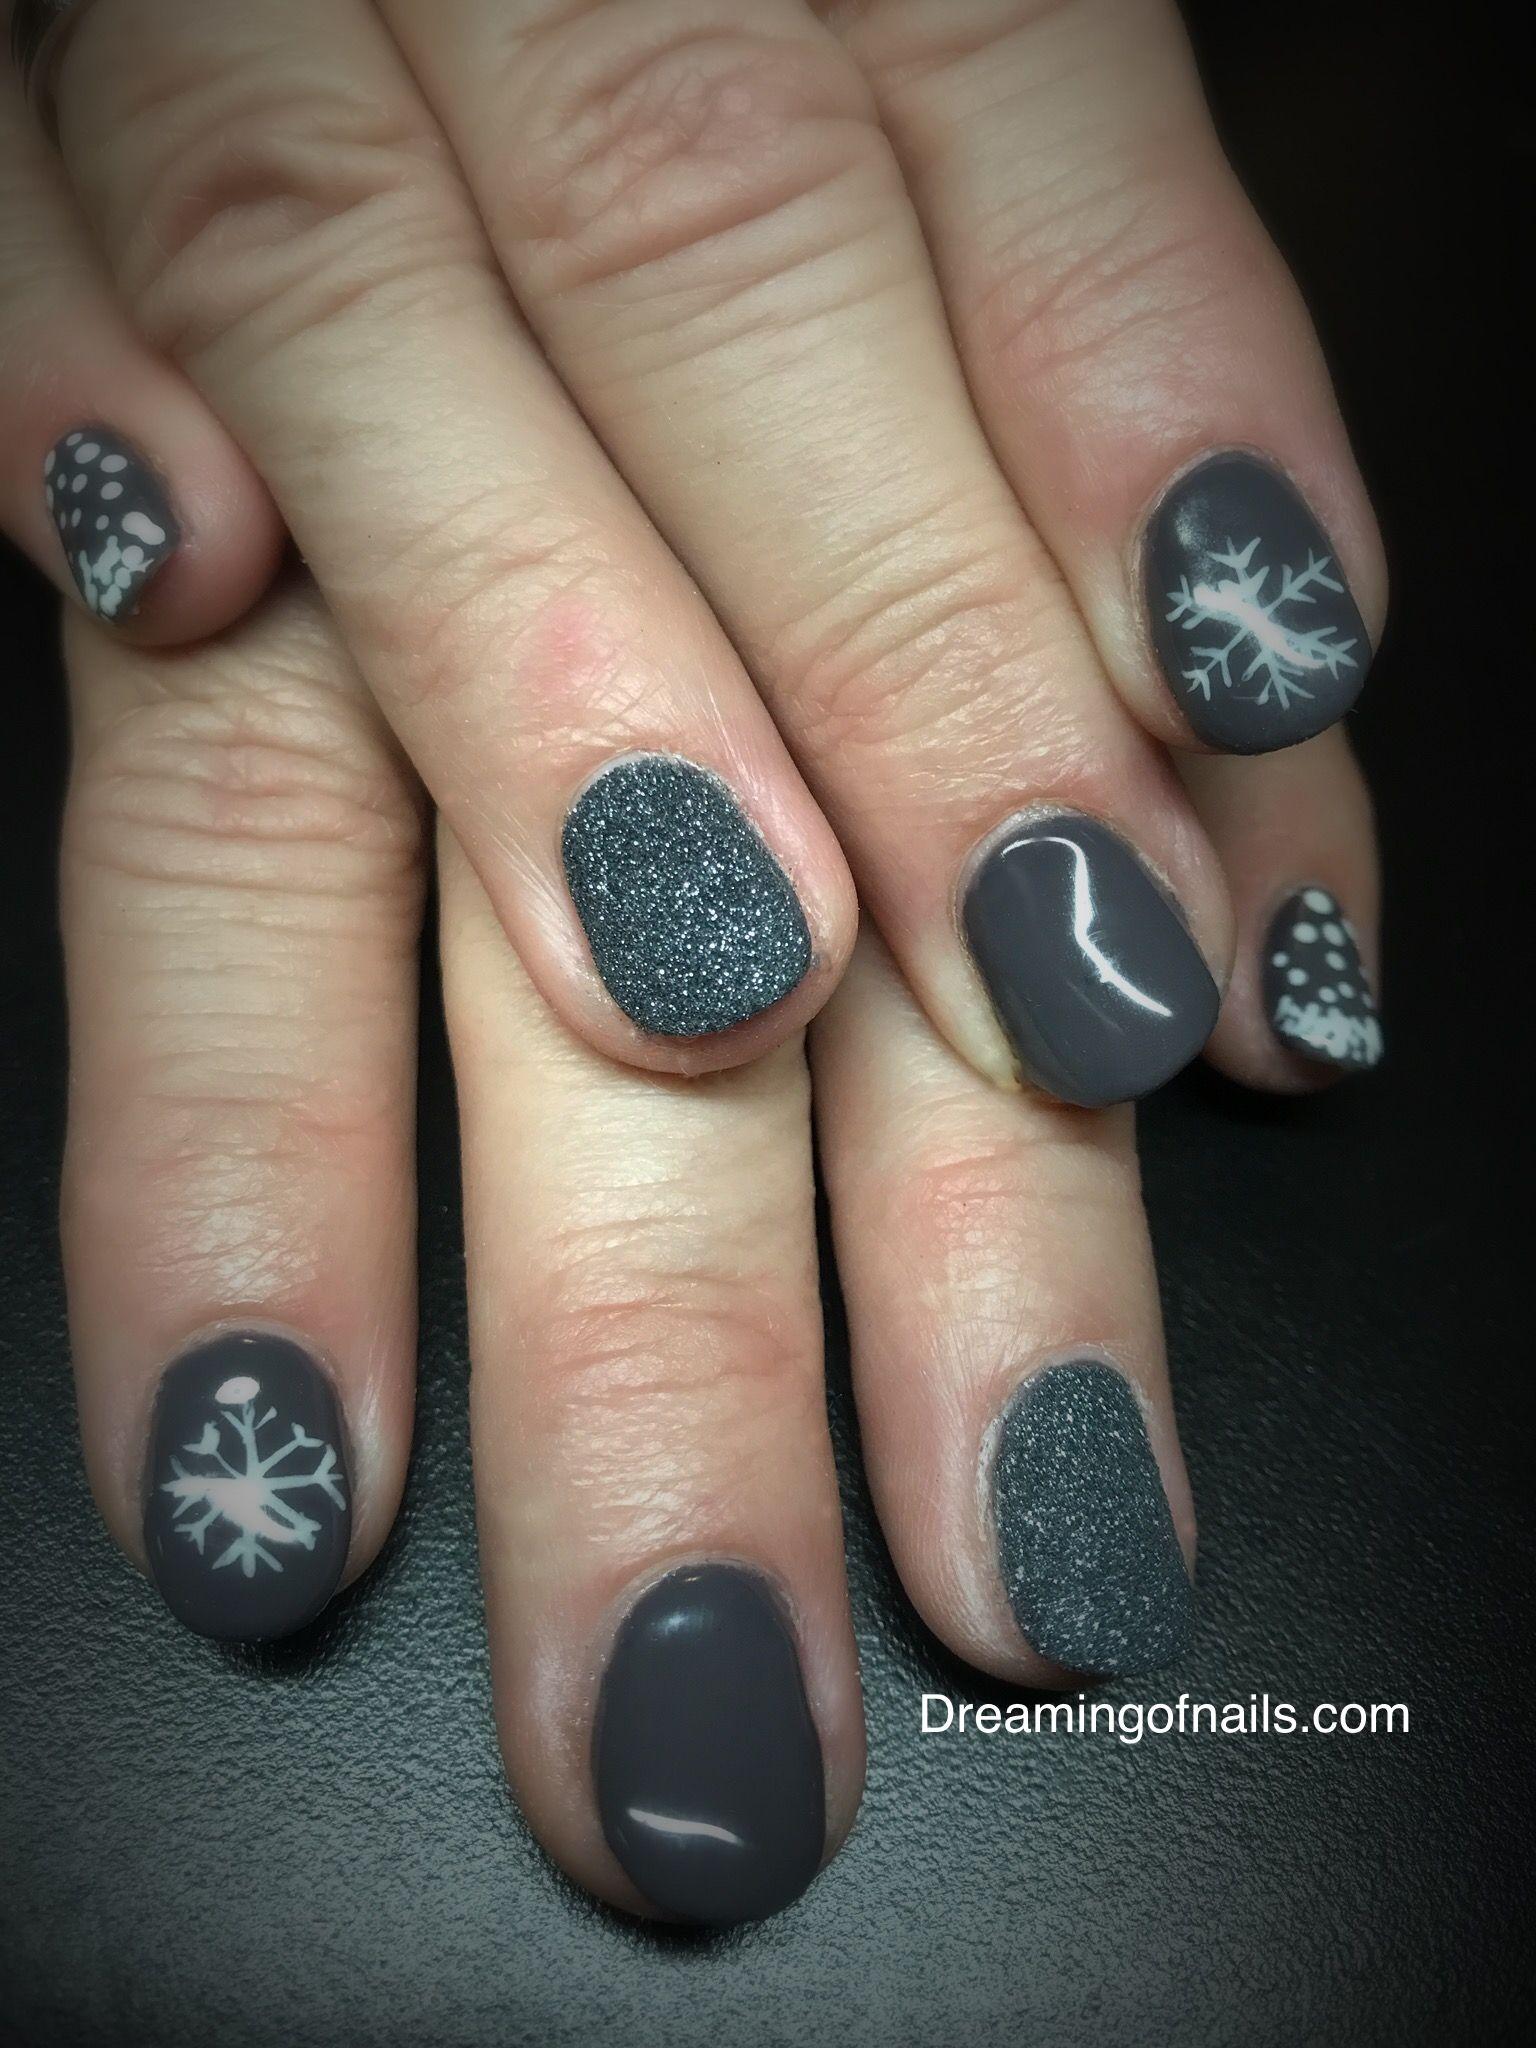 gray snowflake nails winter nails winter nail art ideas christmas nail designs - Simple Christmas Nail Designs